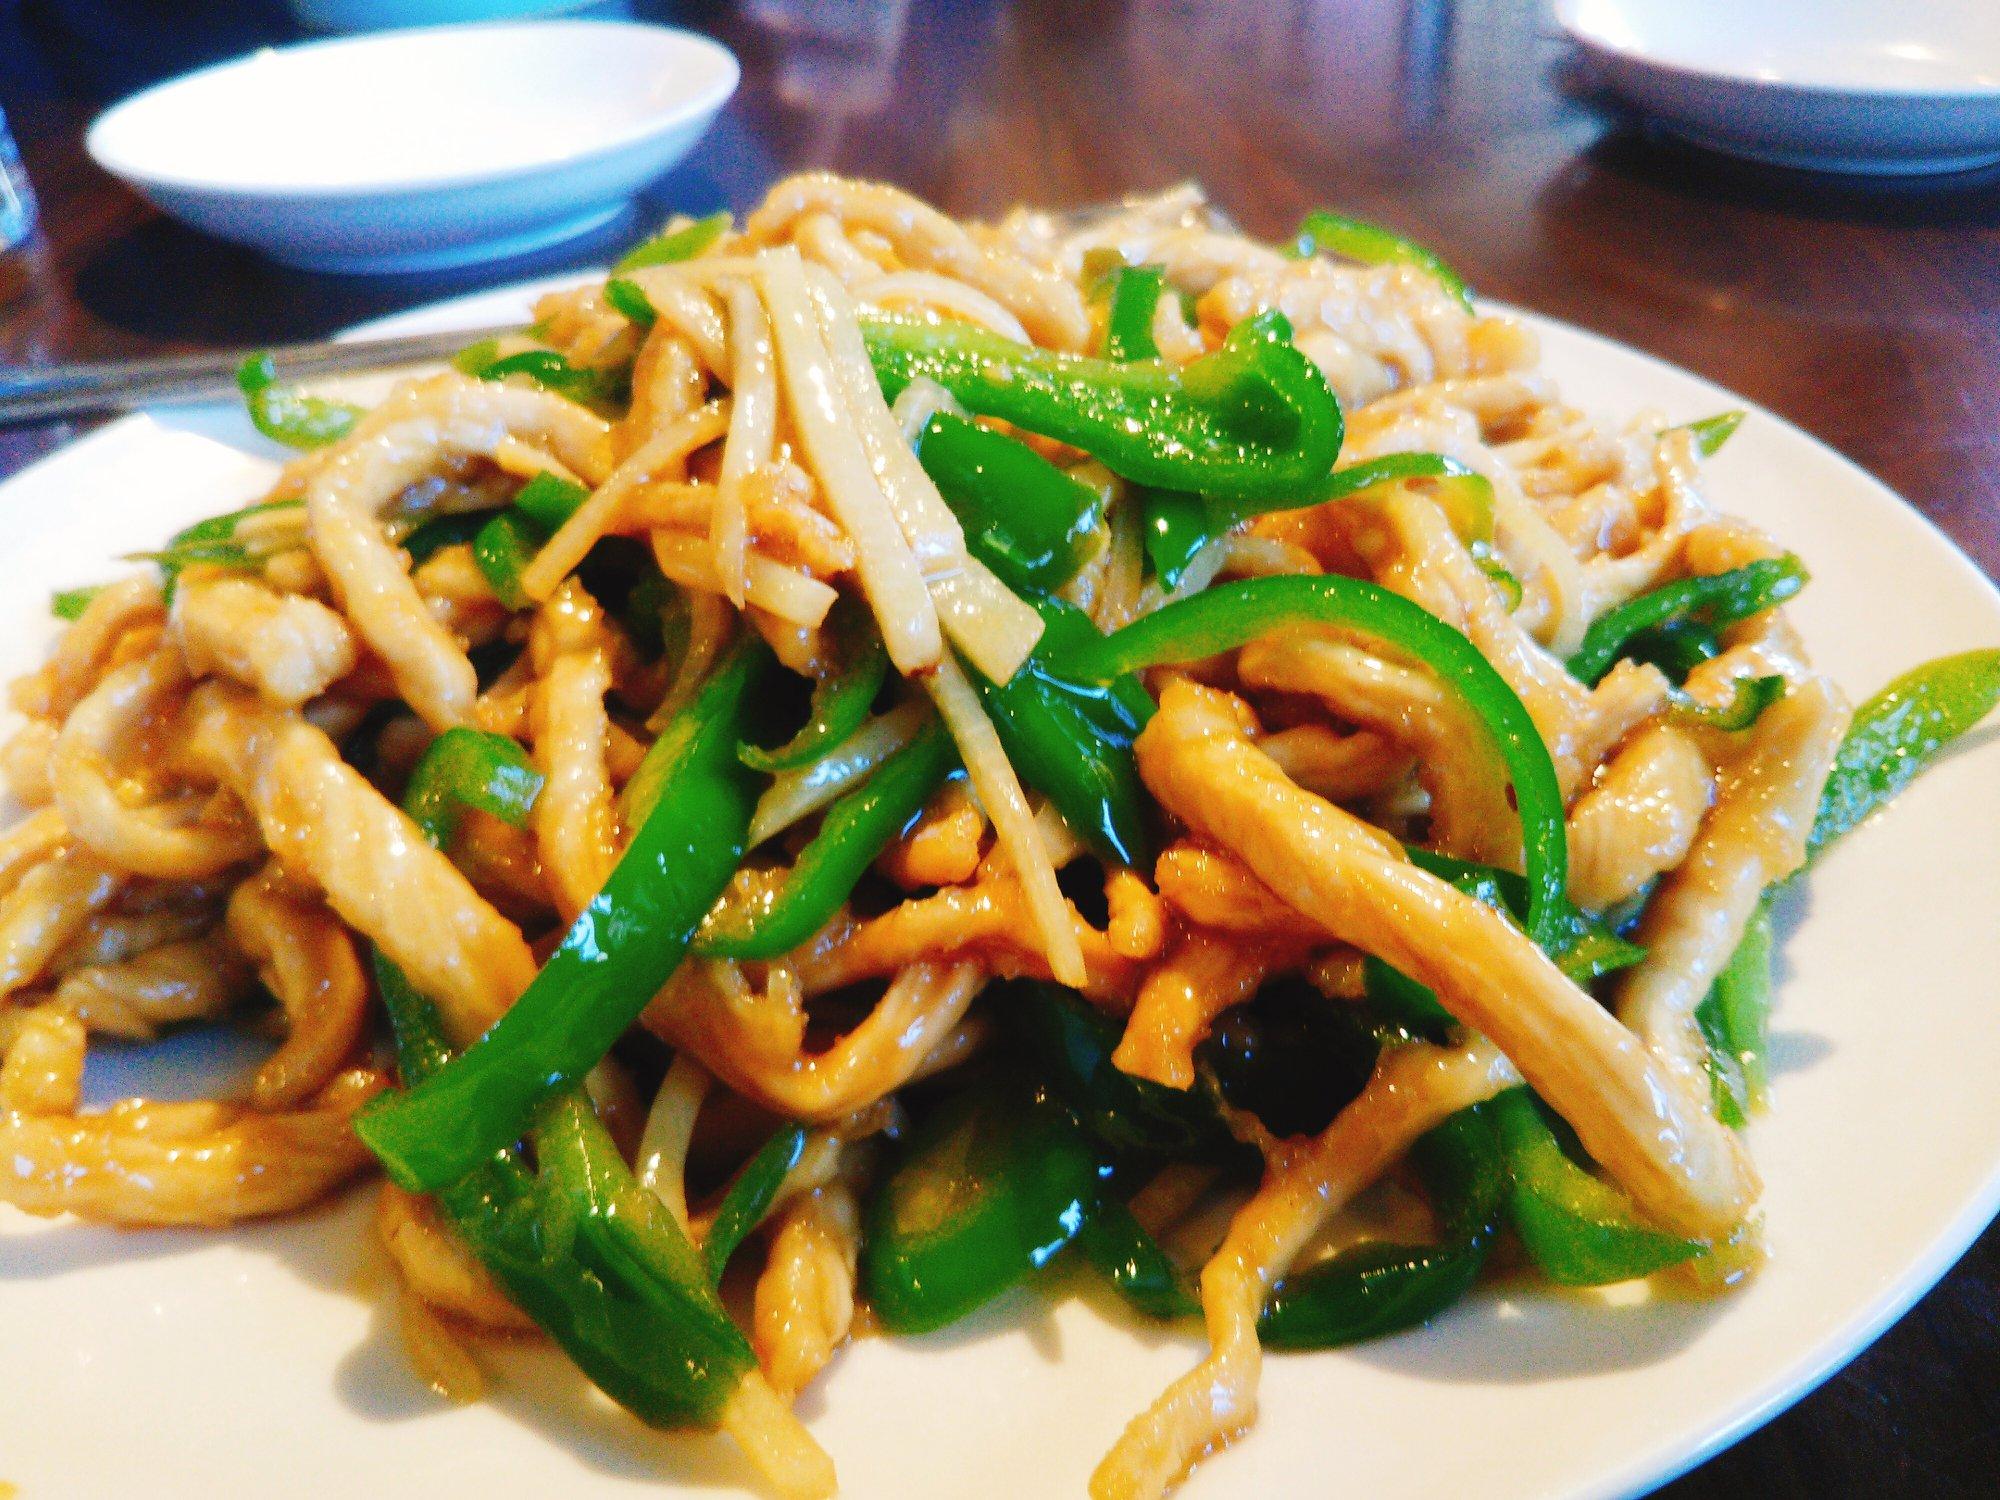 どれを食べてもハズレなし。お手頃価格で本場の味!『中華レストラン昇龍』【七尾市】